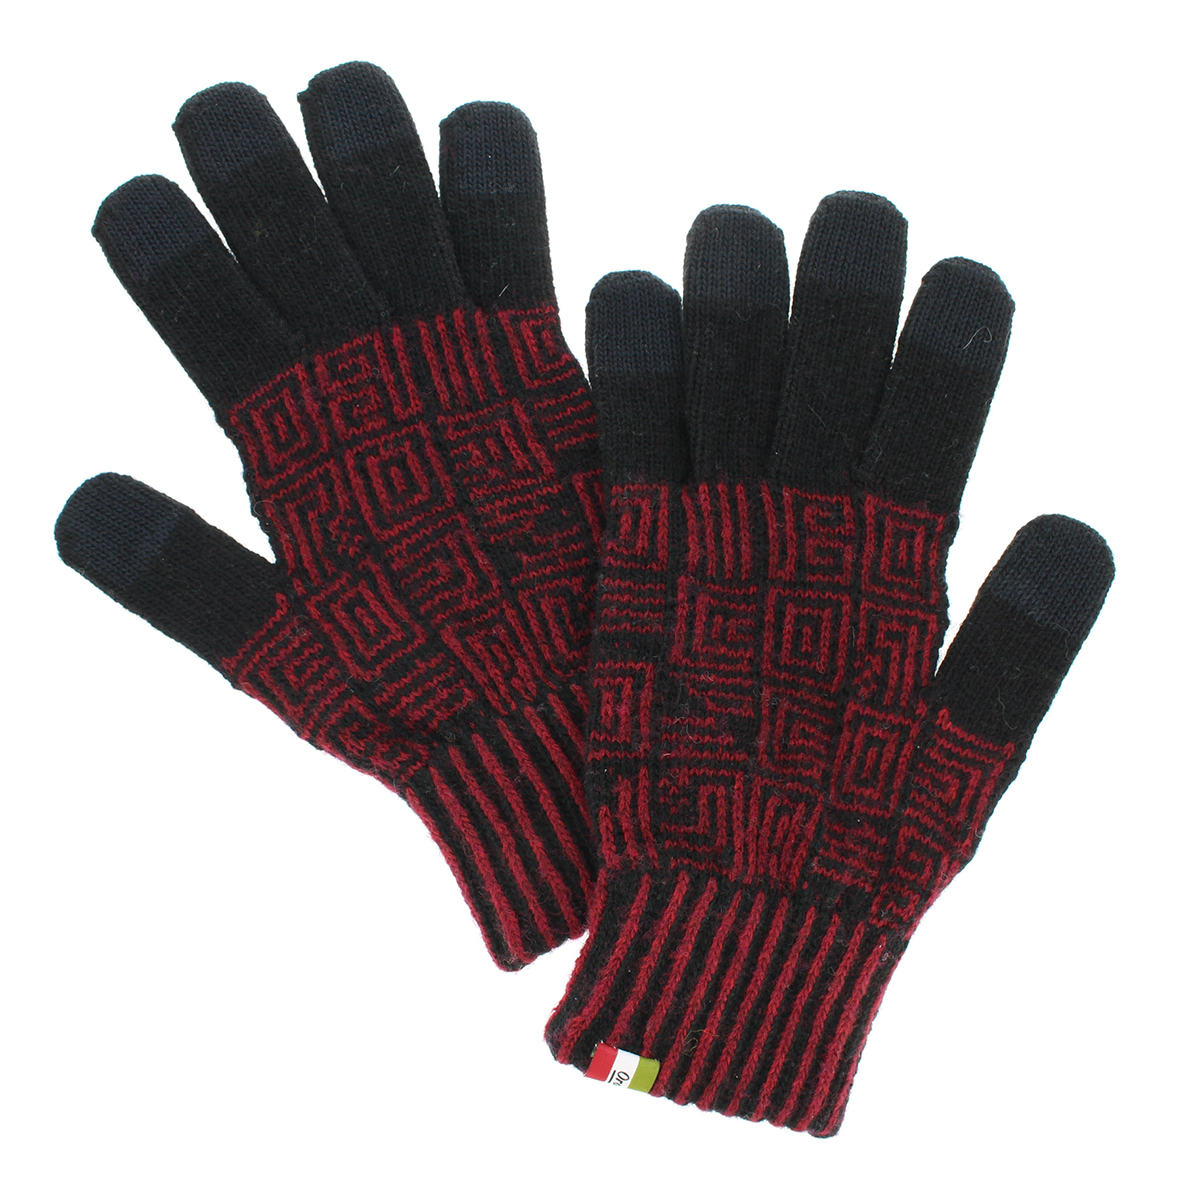 手袋 メンズ ニット オロビアンコ スマホ対応 防寒 アウトドア 秋 冬 暖かい 温度調整 スポーツ ブランド カジュアル プレゼント